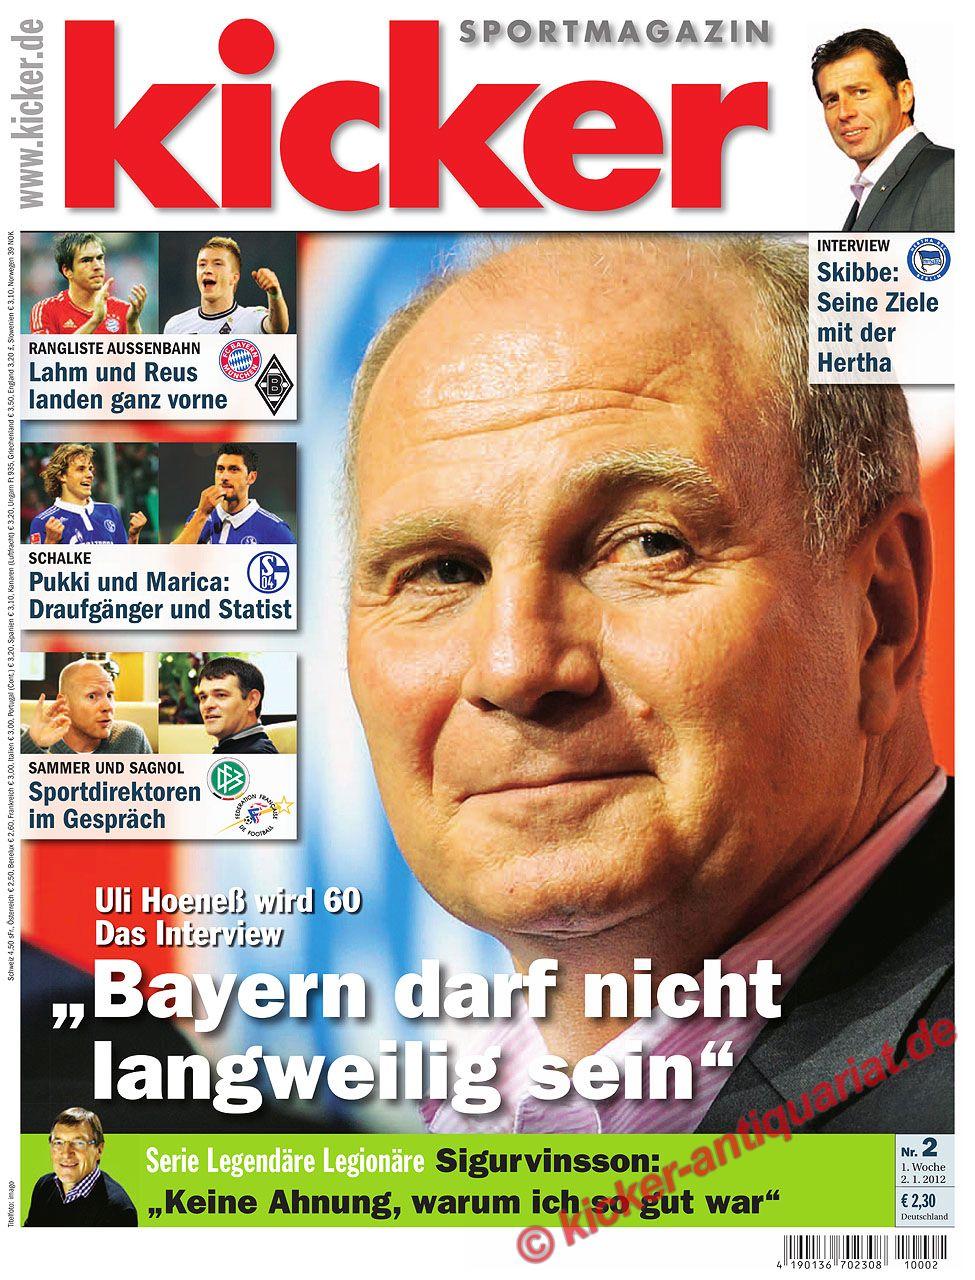 M.Kicker.De